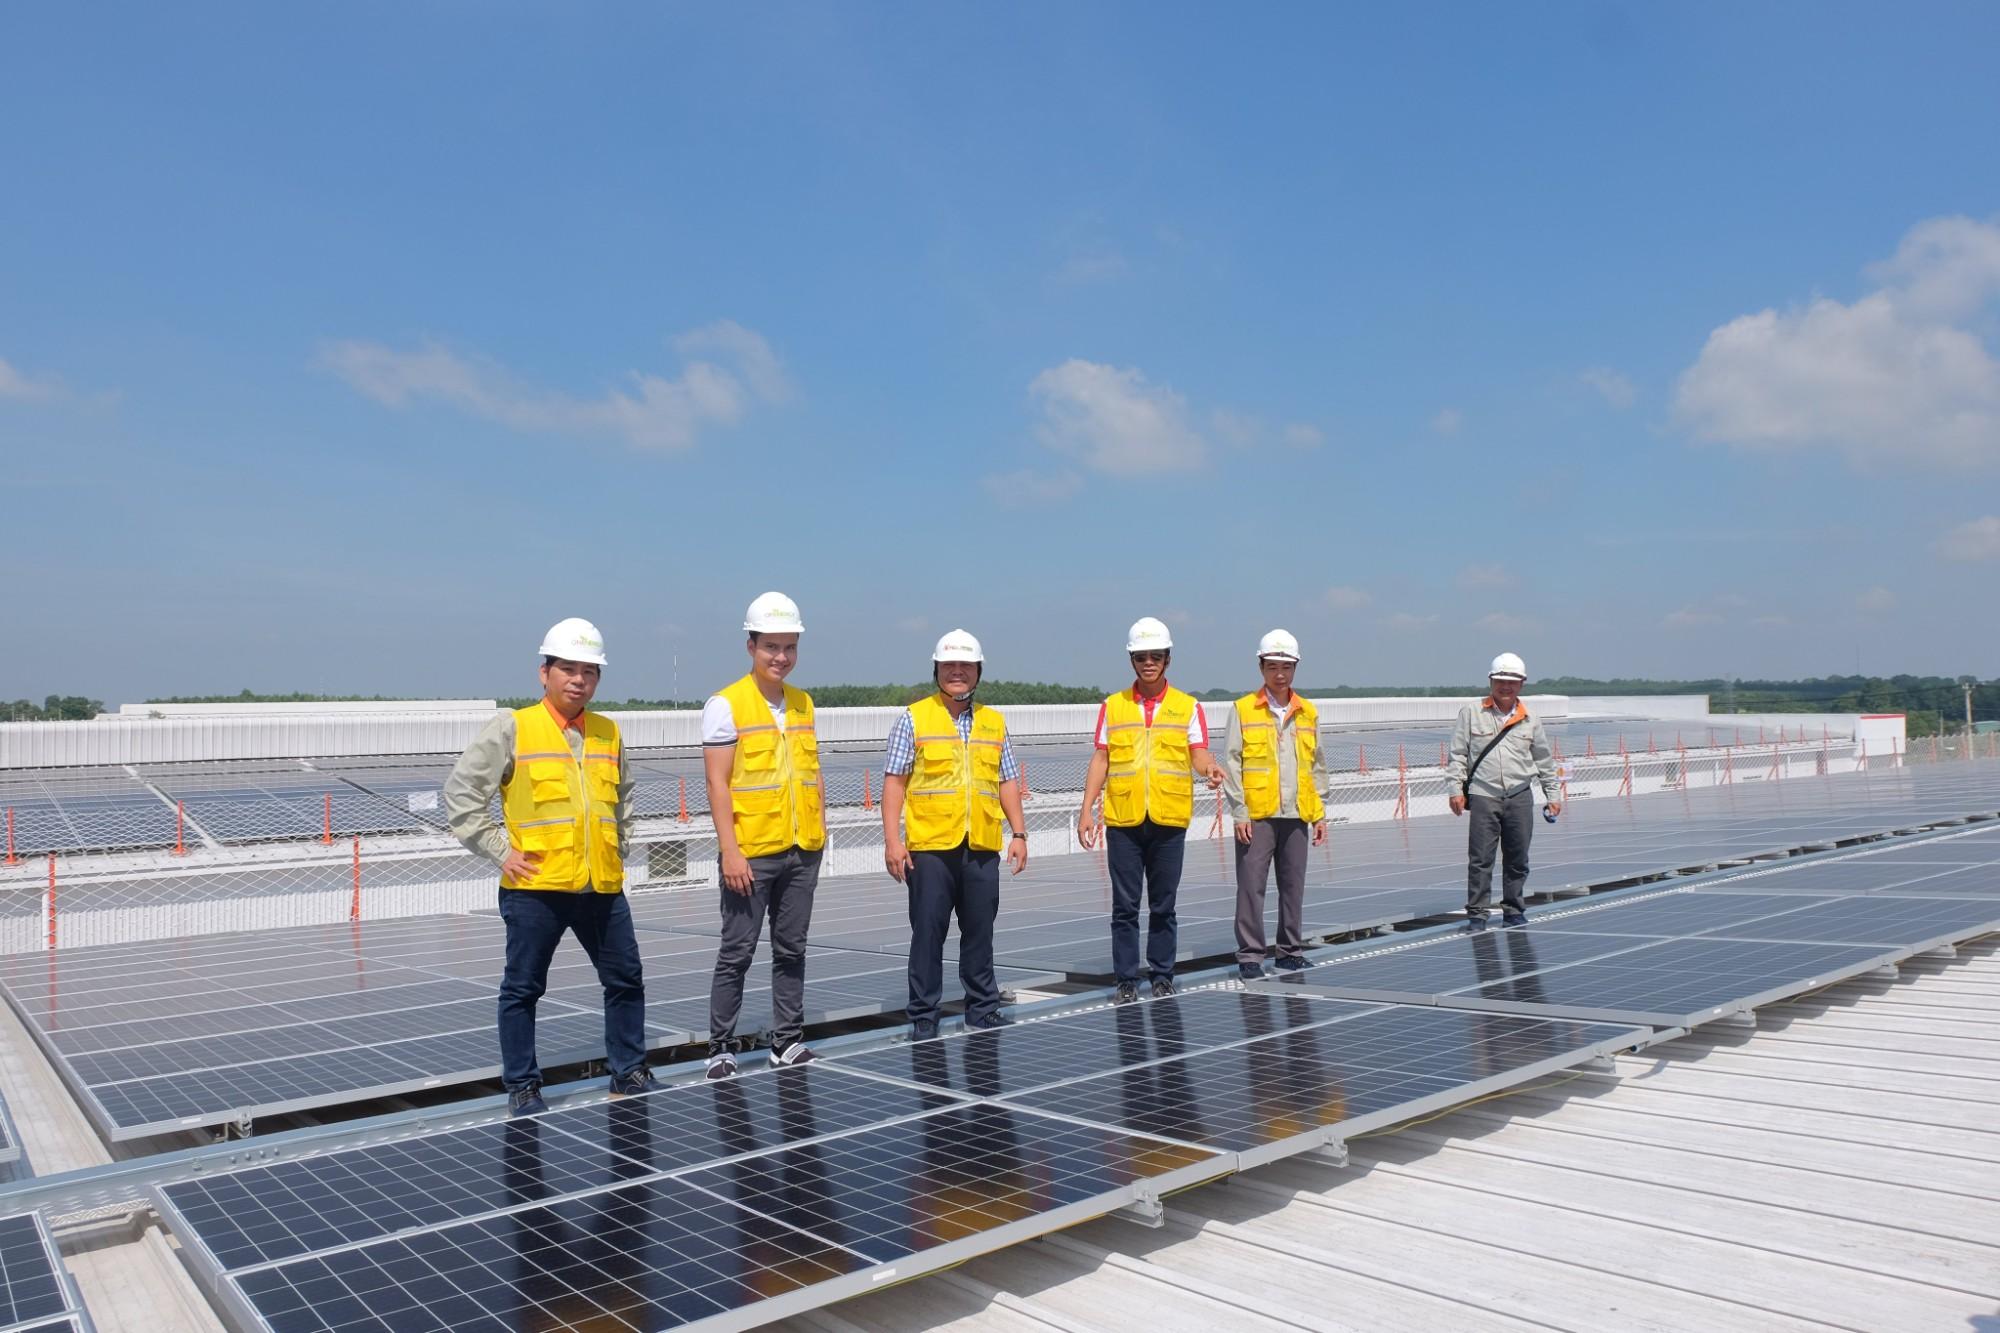 ON Energy nghiệm thu hoàn thành dự án điện mặt trời áp mái tại 3 nhà xưởng ở Đồng Nai